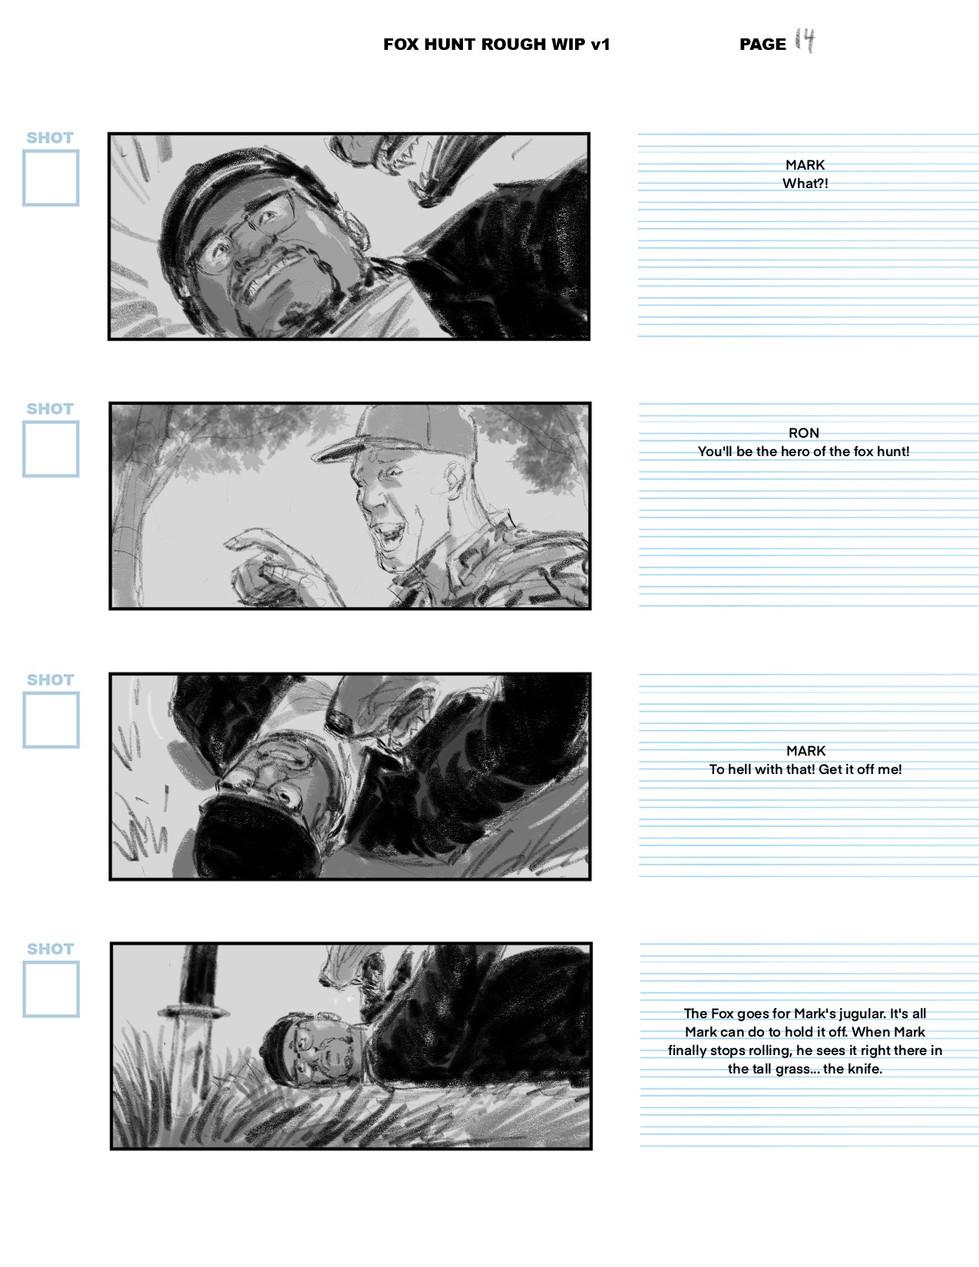 FH pg14.JPG